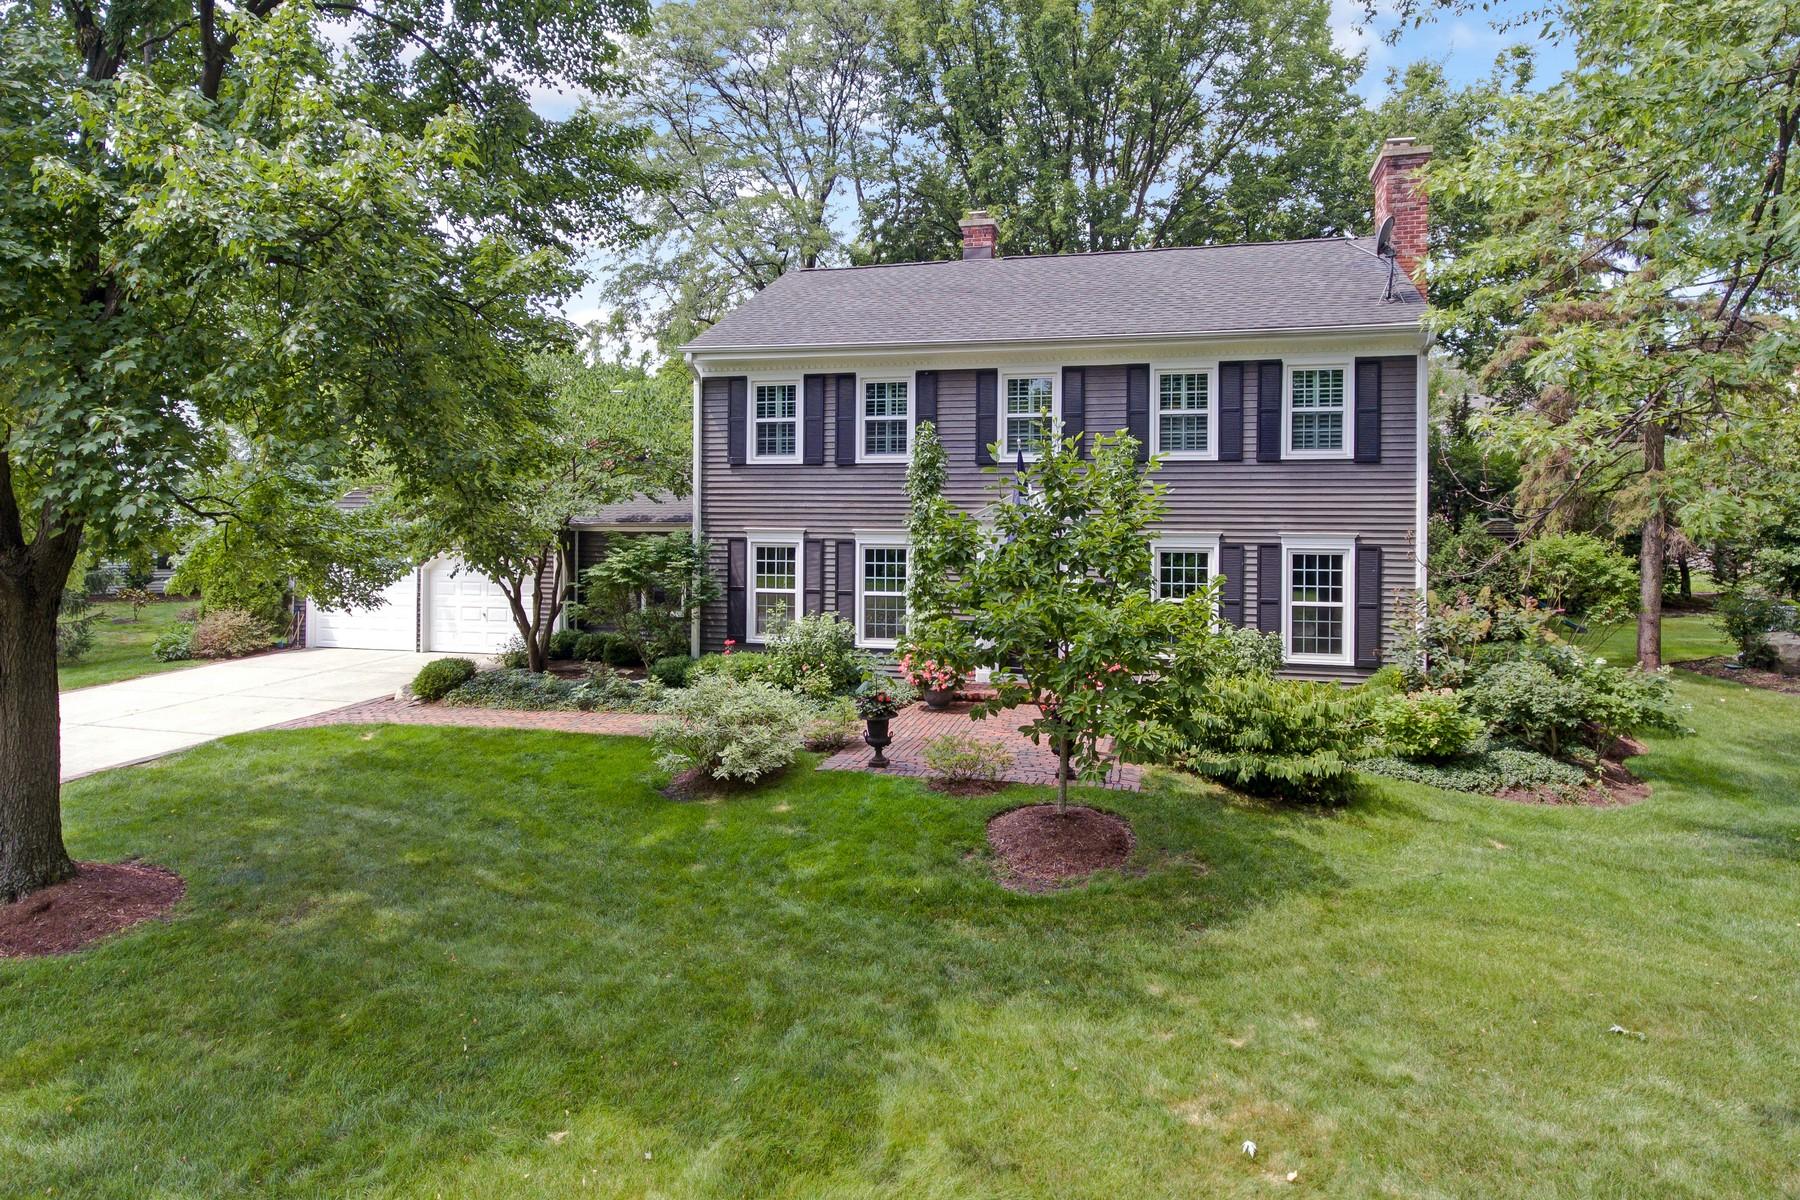 Maison unifamiliale pour l Vente à 800 Harding Road, Hinsdale Hinsdale, Illinois, 60521 États-Unis